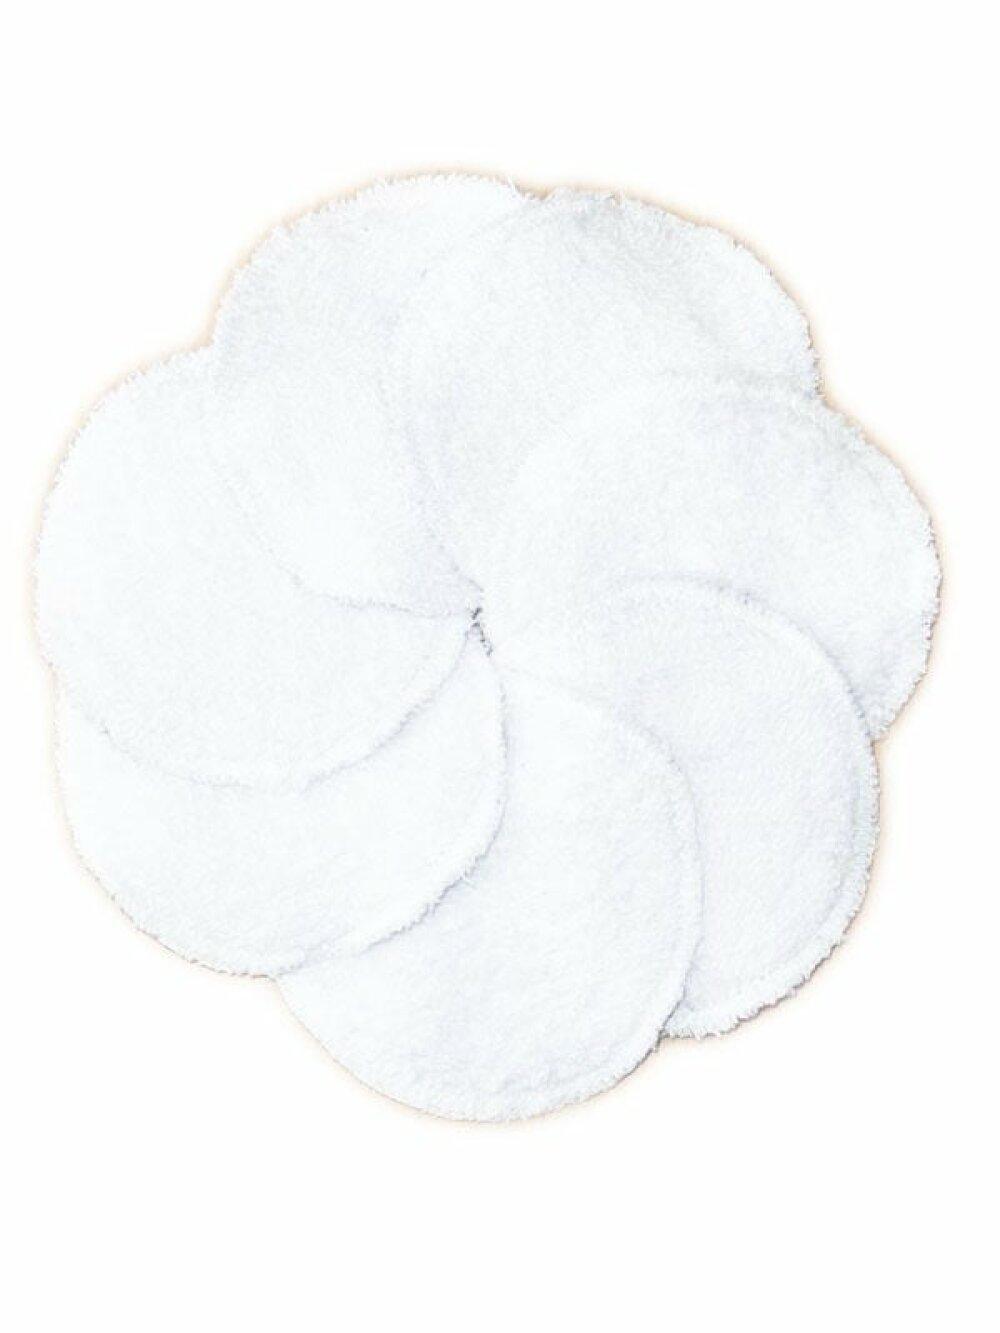 7 Disques démaquillants lavables LA MARINE - Zéro déchet